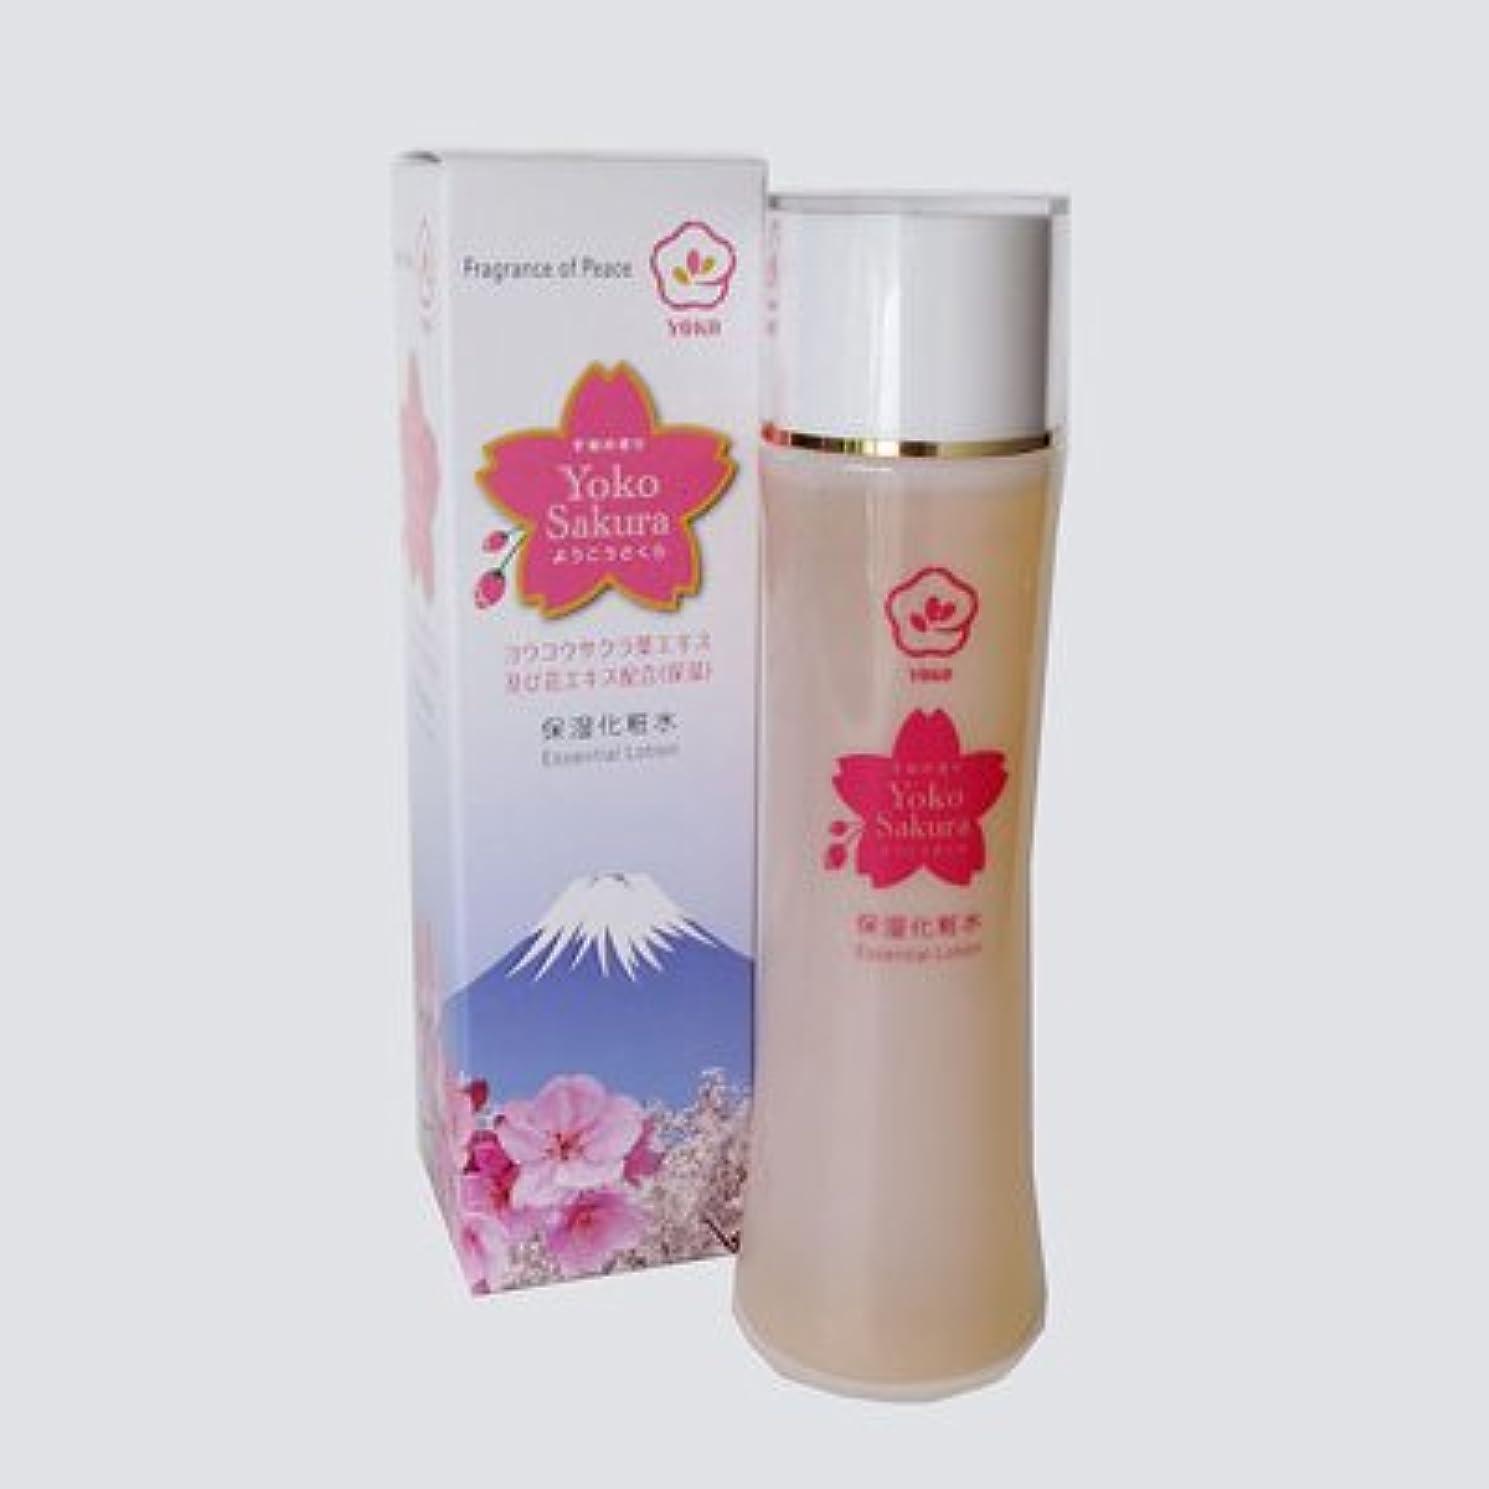 配列農村接続陽光ローション(保湿化粧水) 陽光桜のエキス配合の保湿化粧水。敏感肌の方にもどうぞ